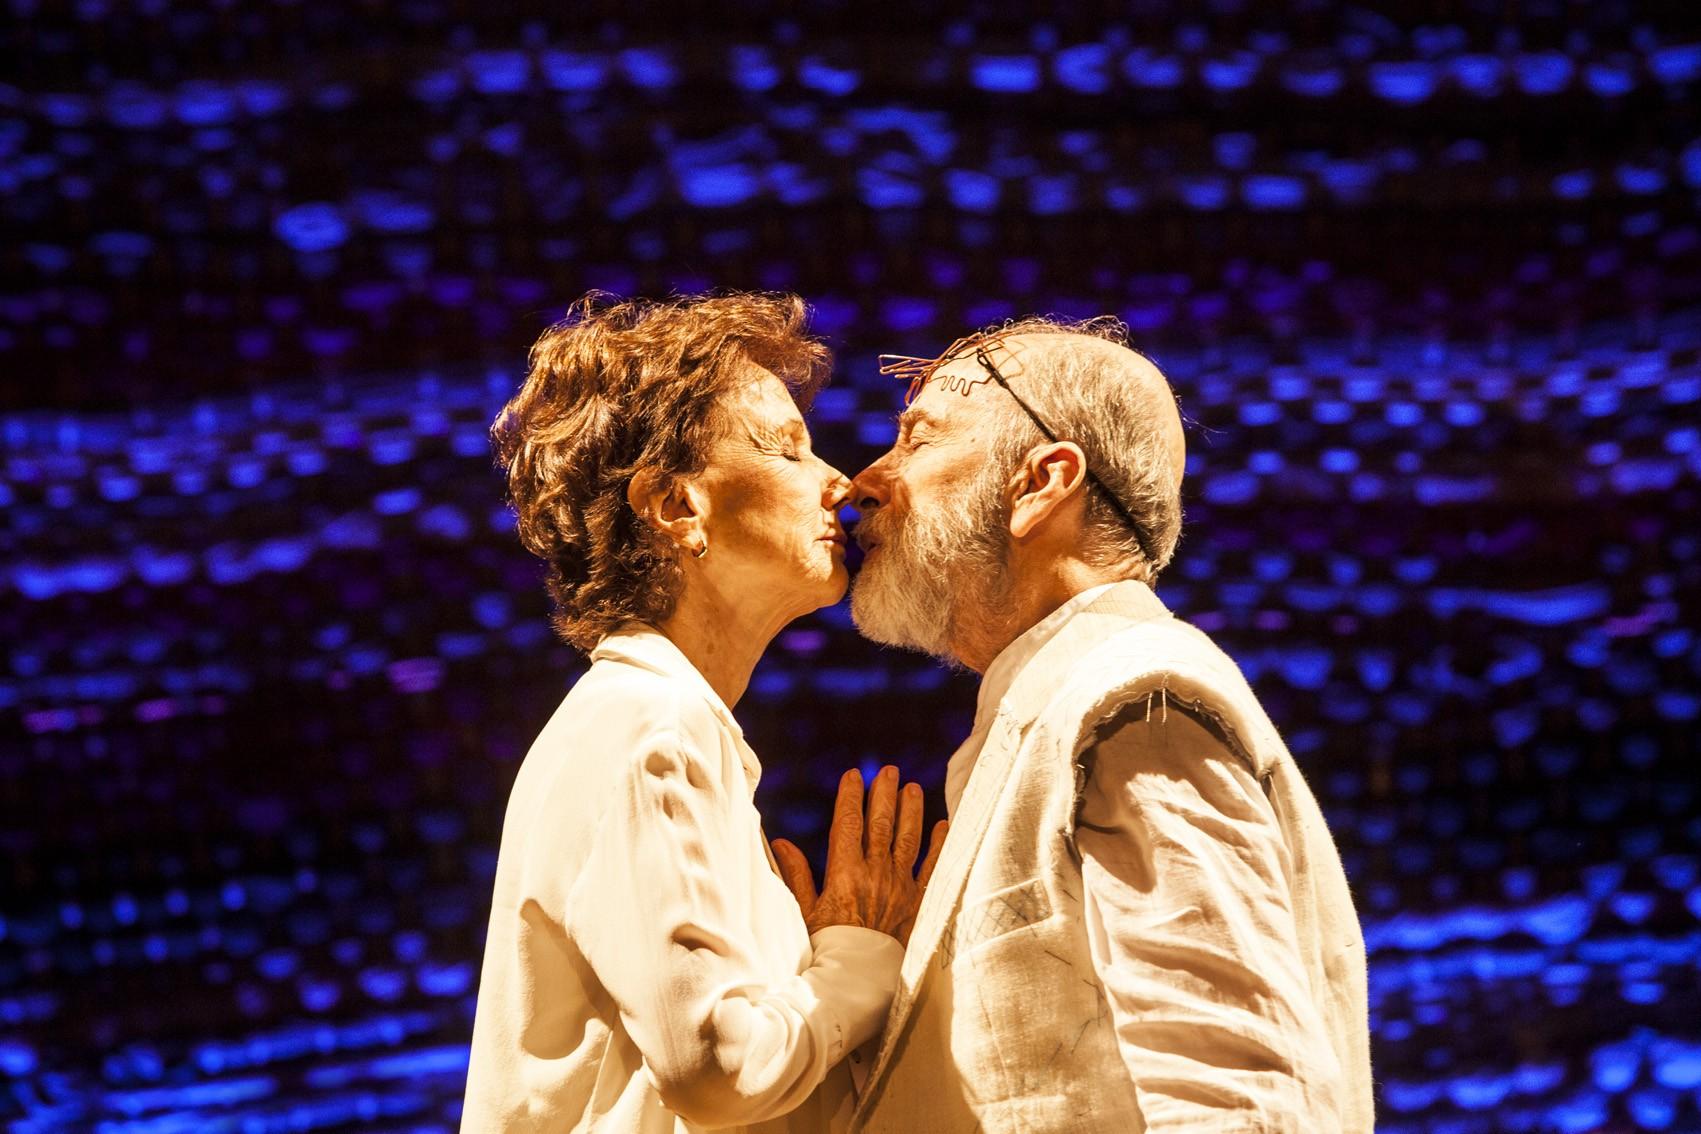 Teatro Municipal de SP tem Romeu e Julieta com ingresso a R$ 5 (Foto: Divulgação )